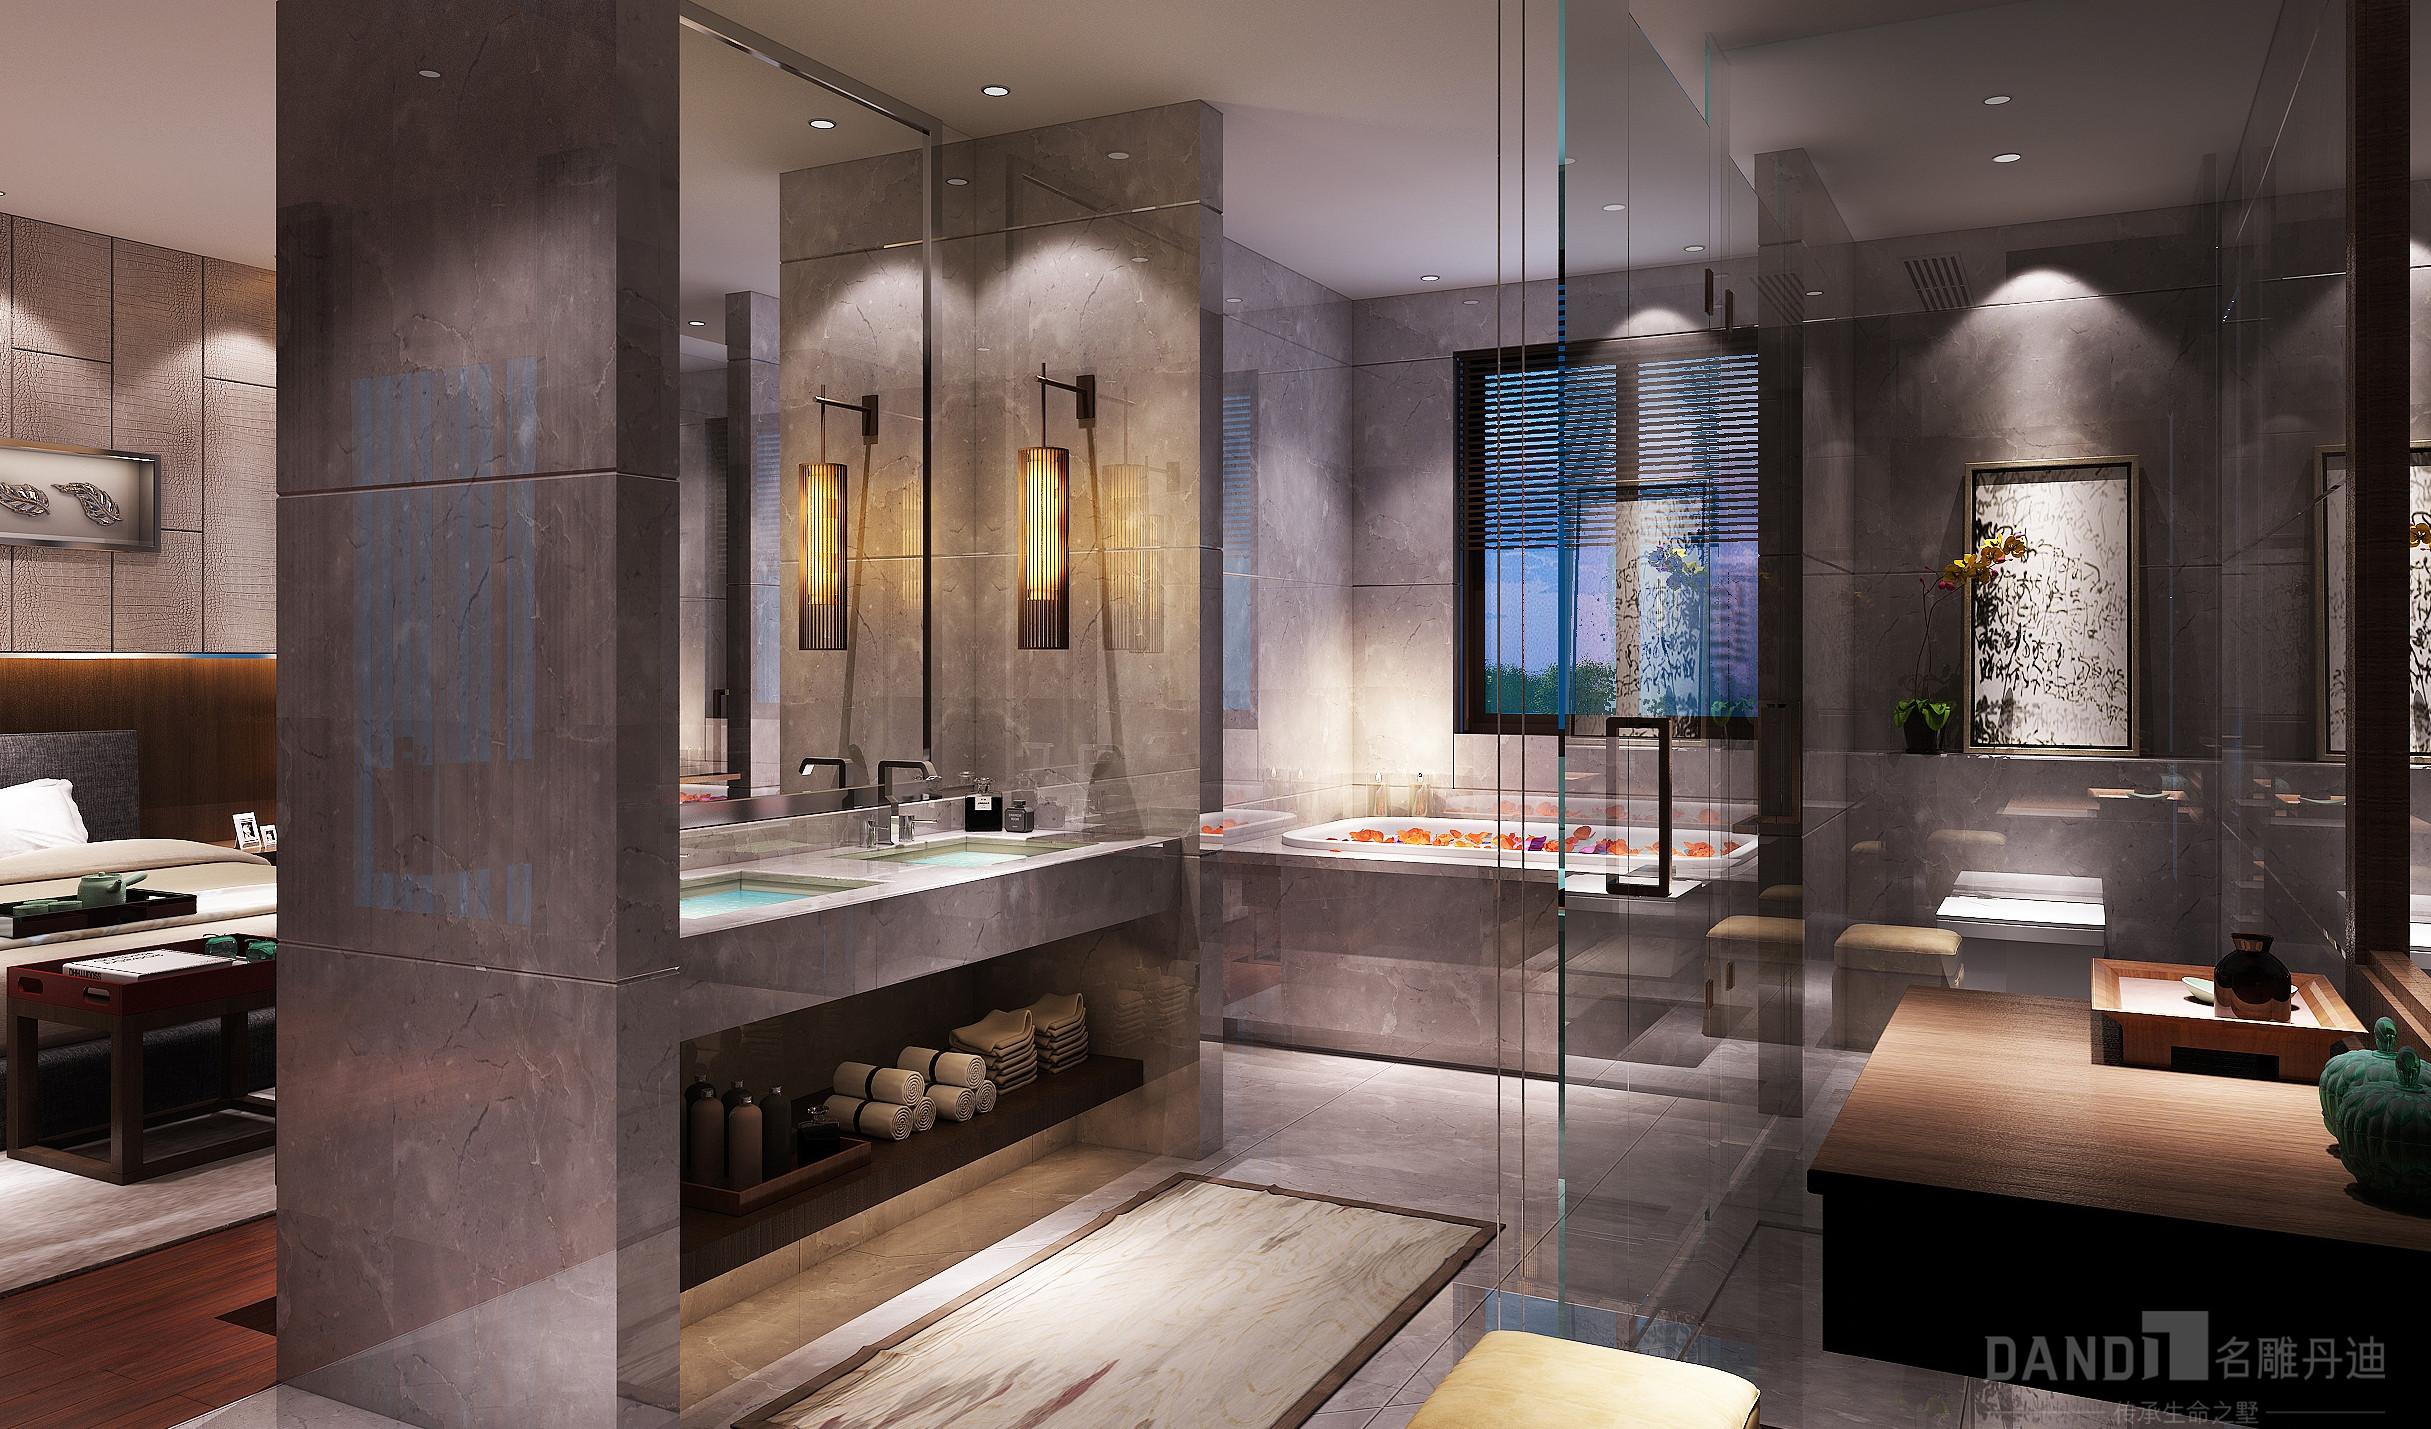 简约 混搭 别墅 新中式 卫生间图片来自名雕丹迪在万科璞悦山别墅新中式装修风格的分享